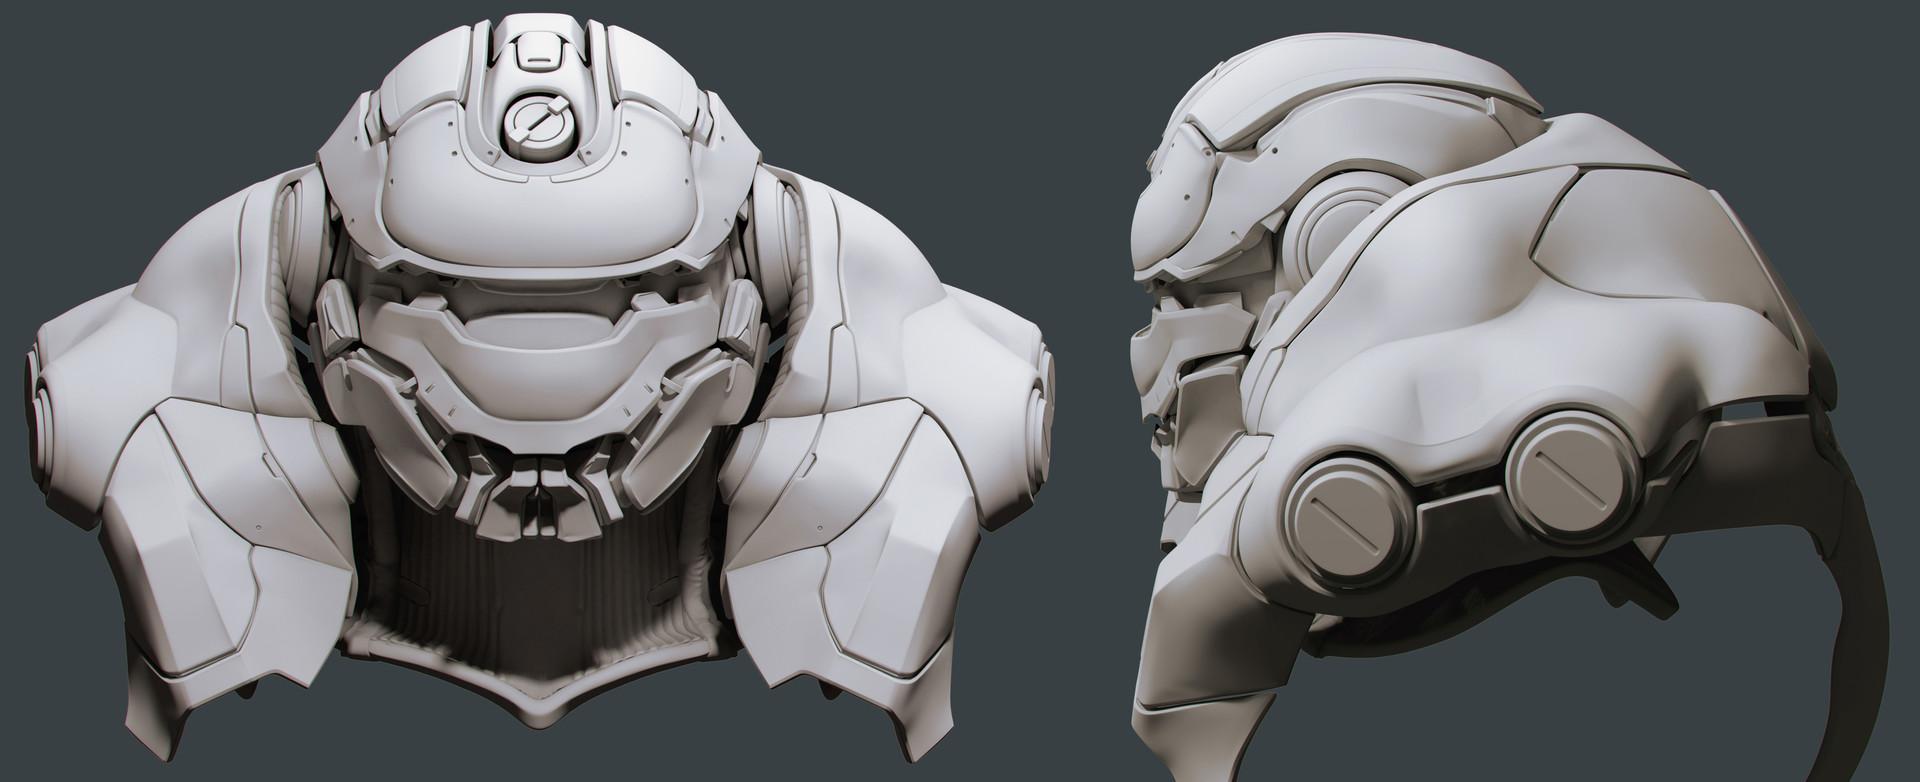 Yuriy romanyk armor2